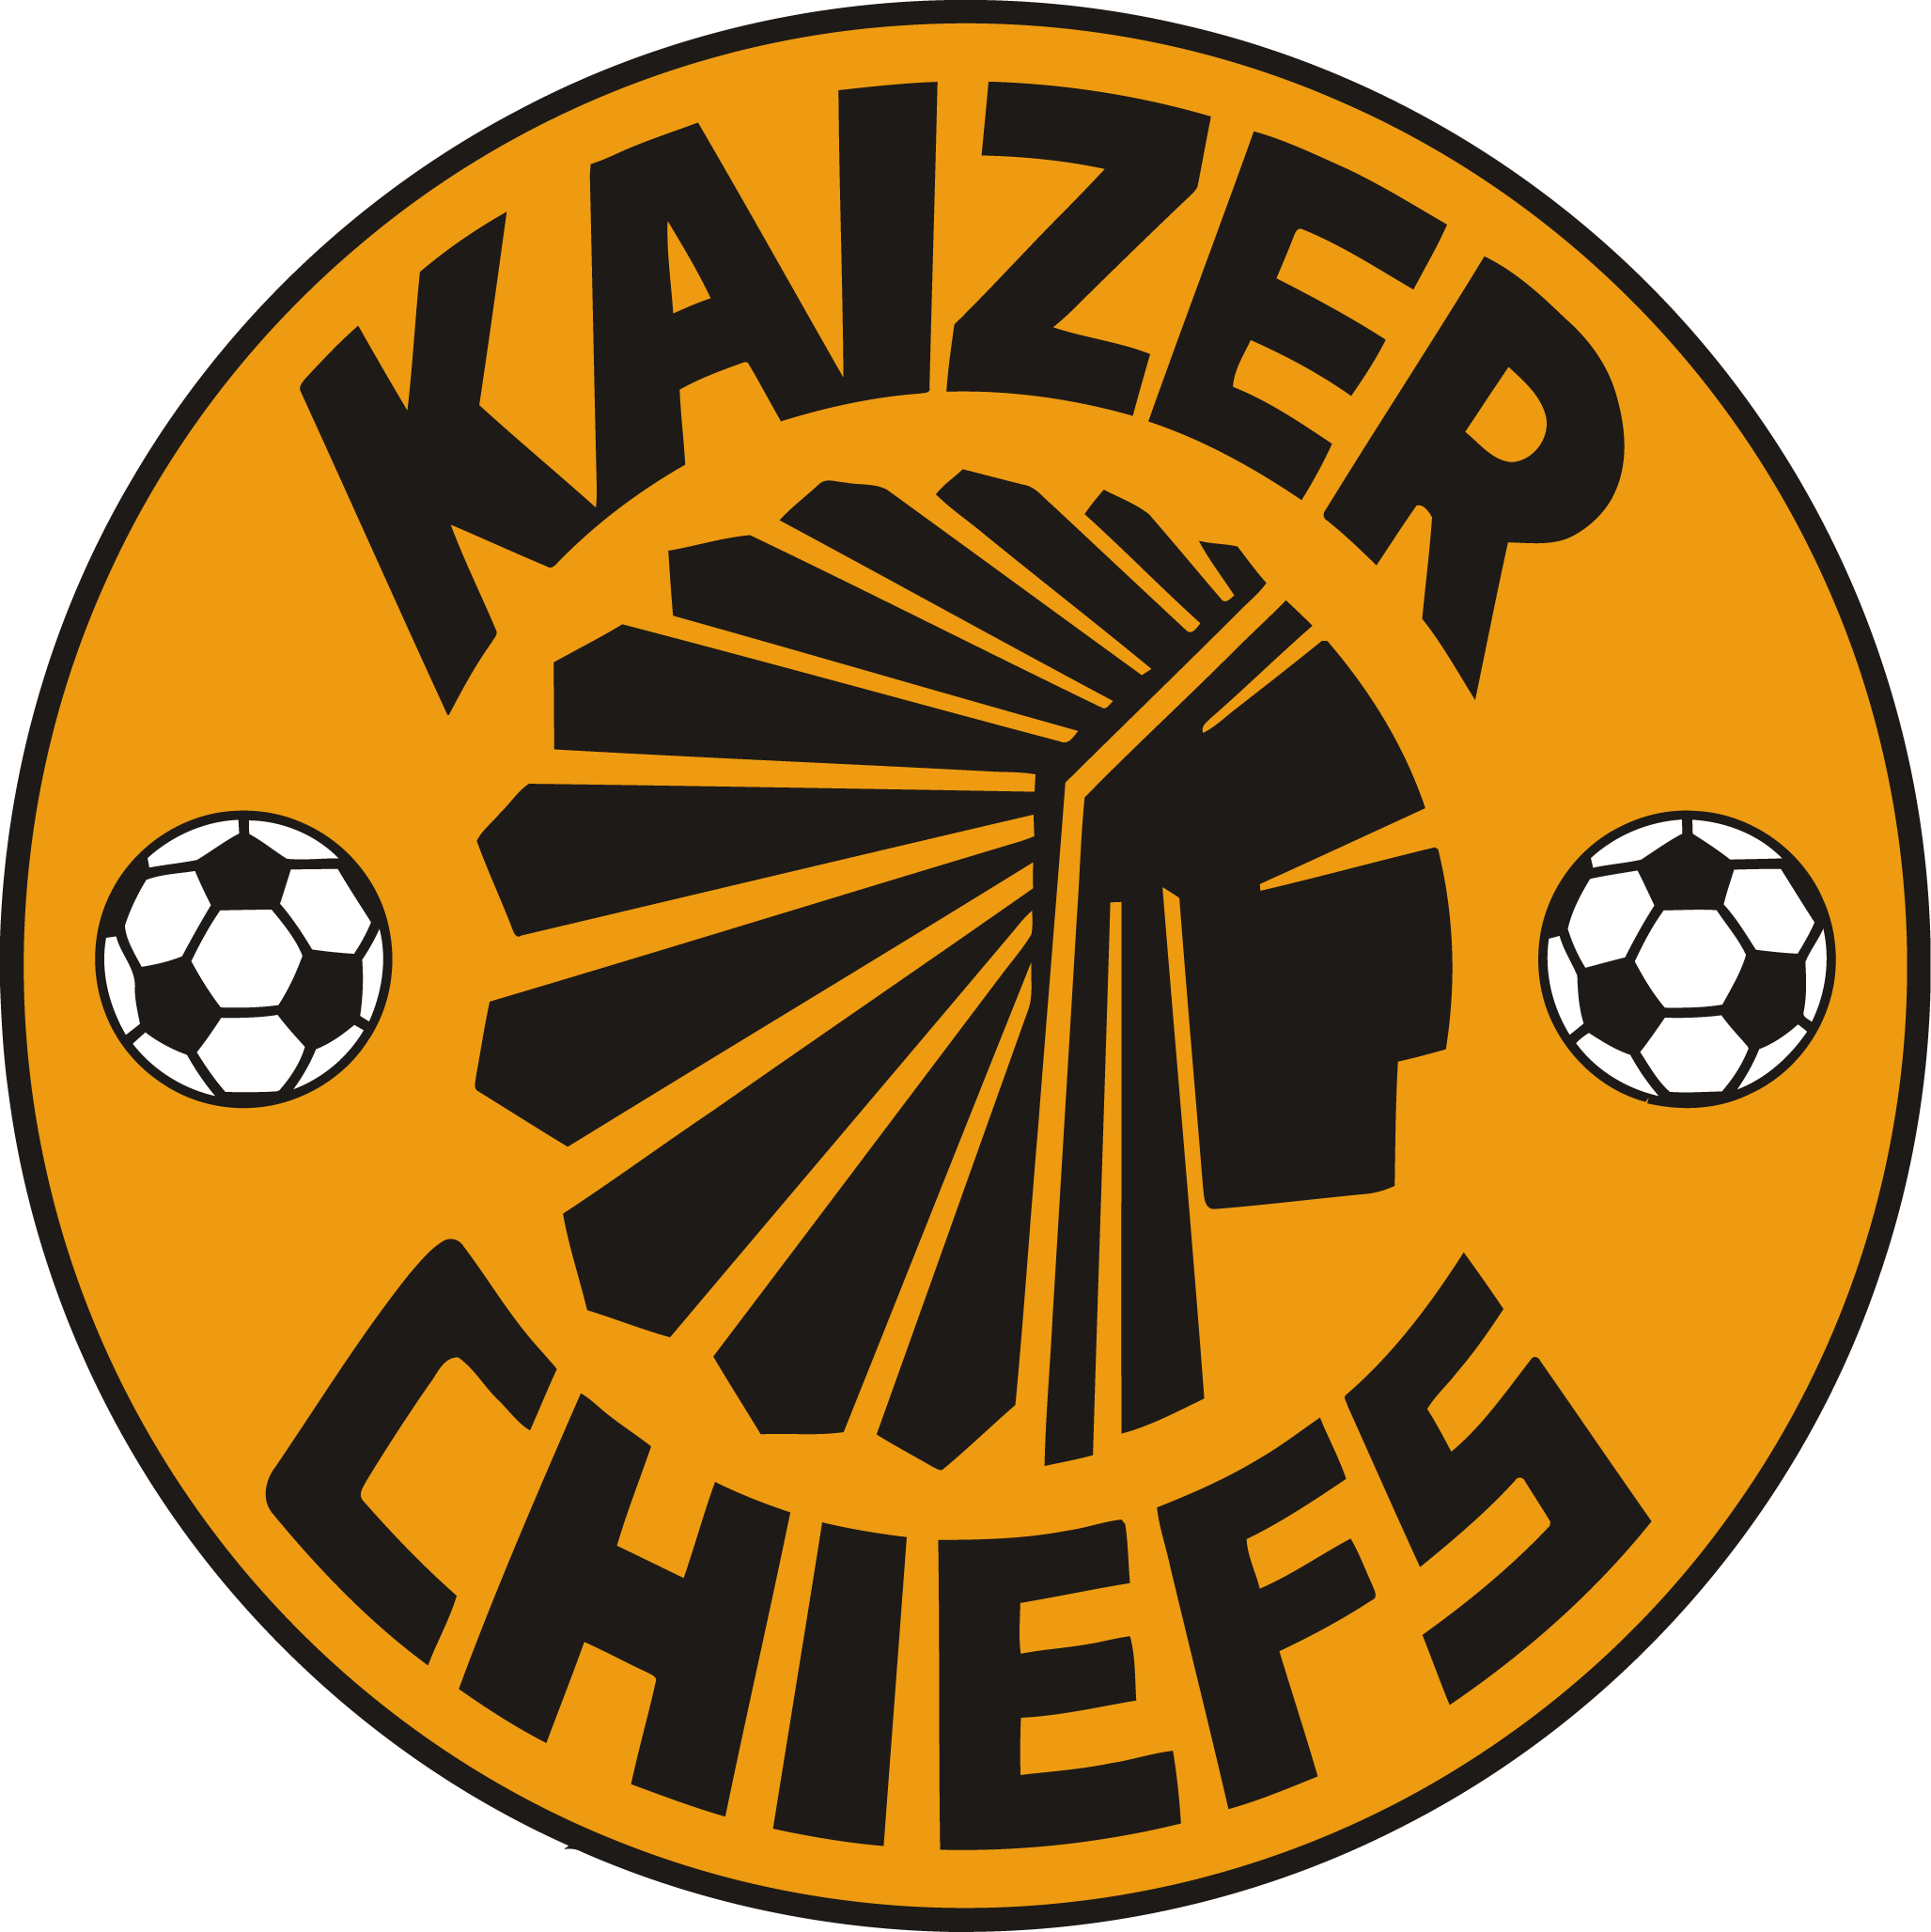 Kaiser Chiefs Kaizer Chiefs Chiefs Football Soccer Logo